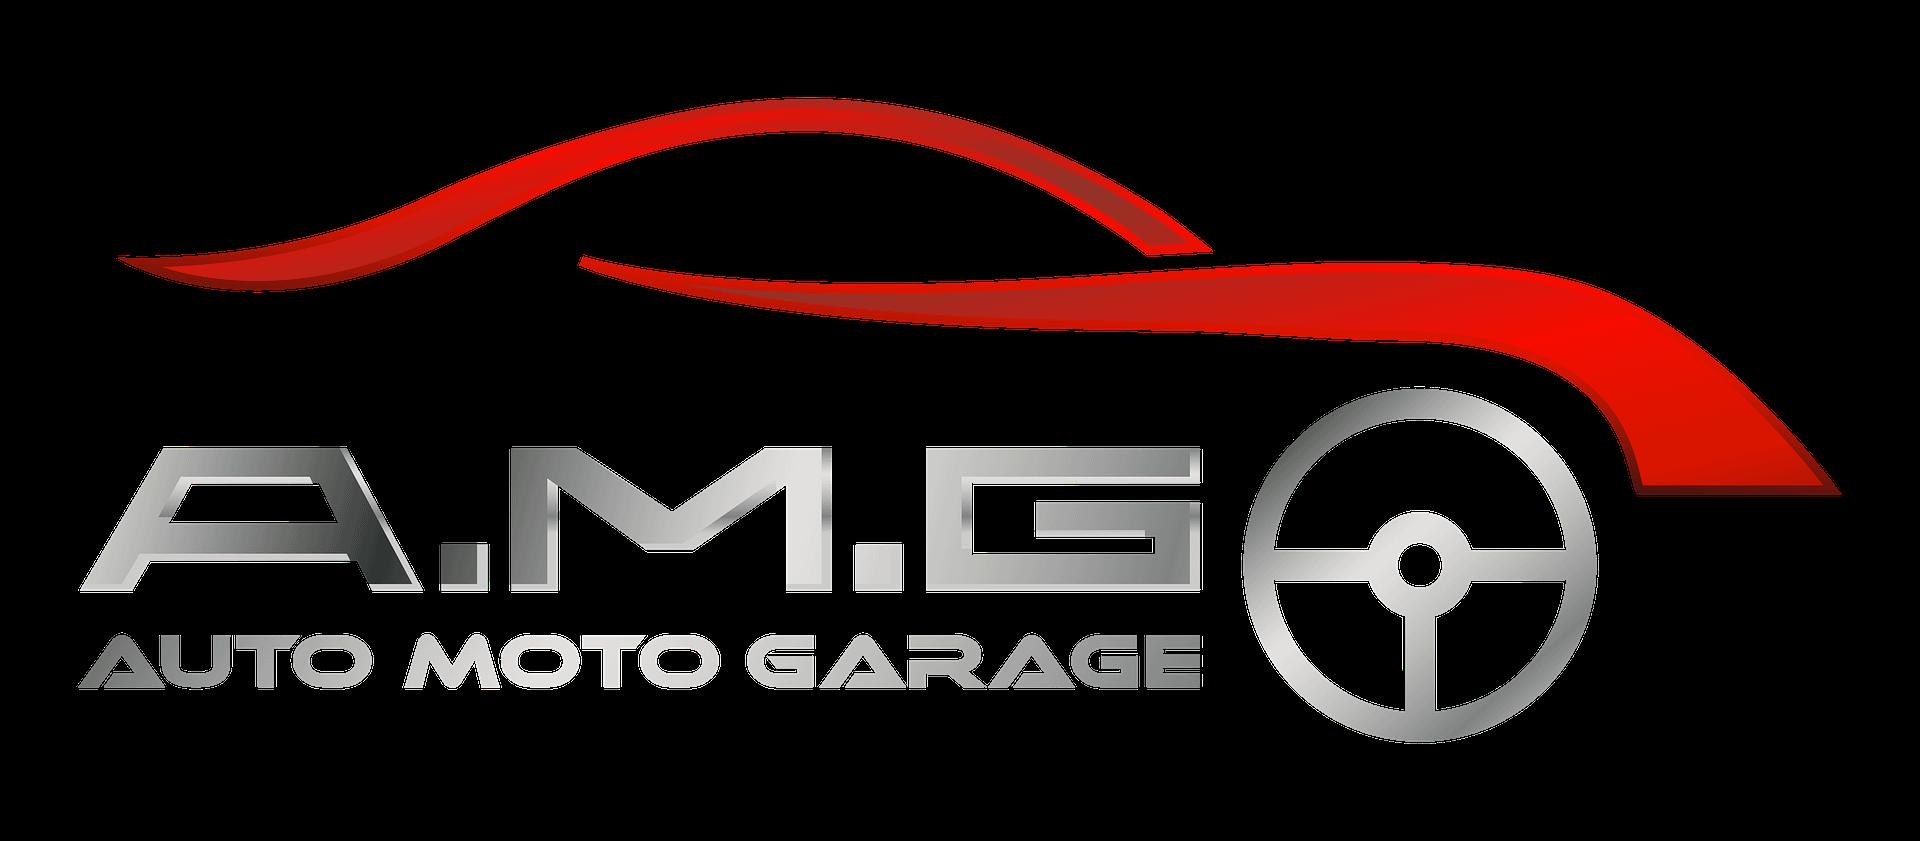 AutoMotoGarage.fr